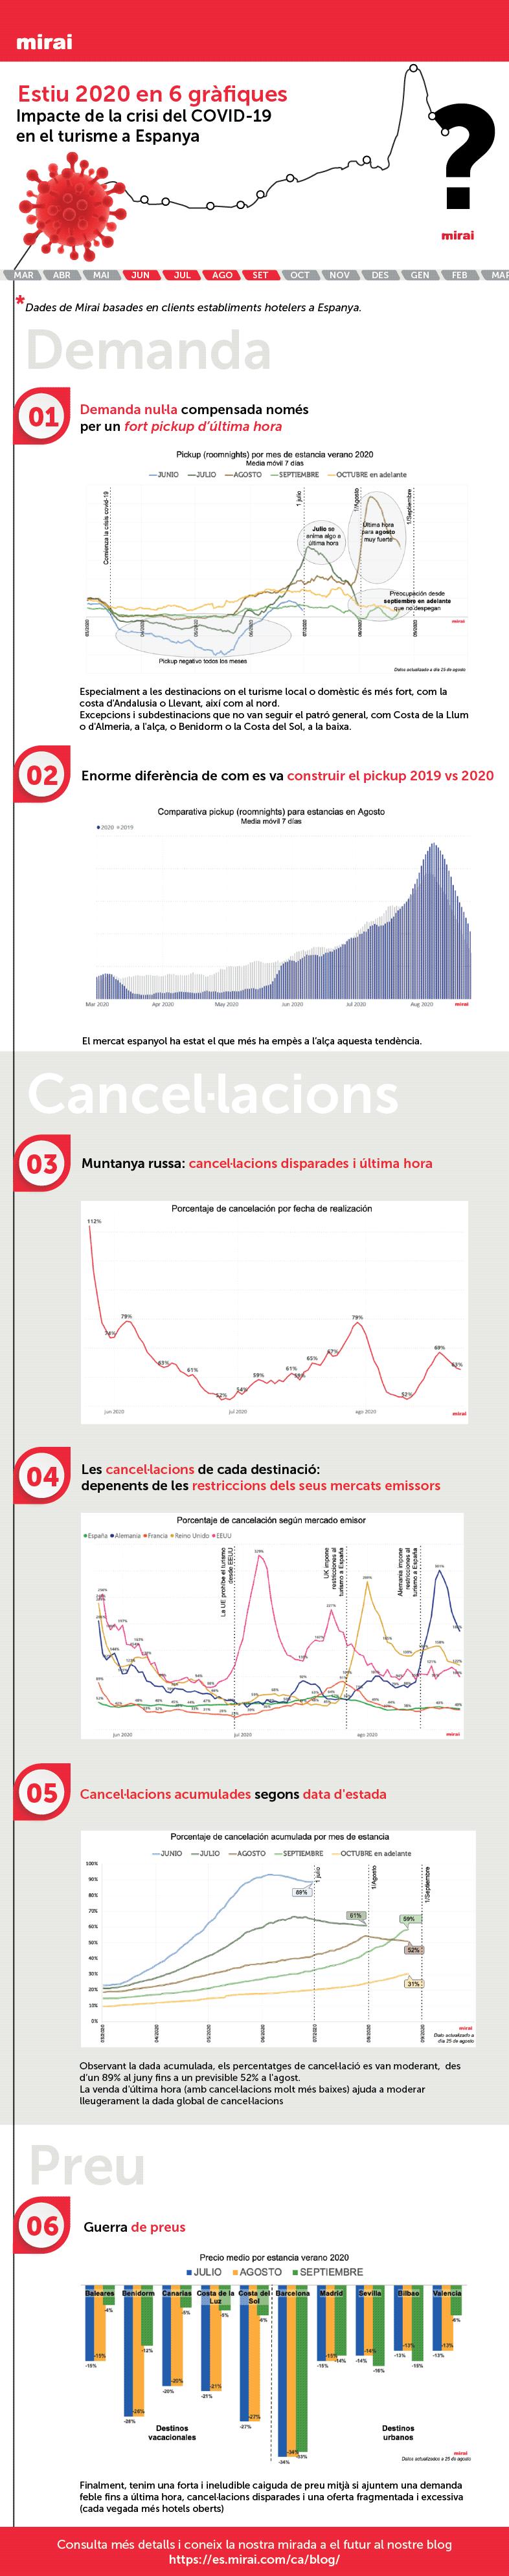 mirai-infografic-impacte-coronavirus-turisme-hotels-estiu-espana